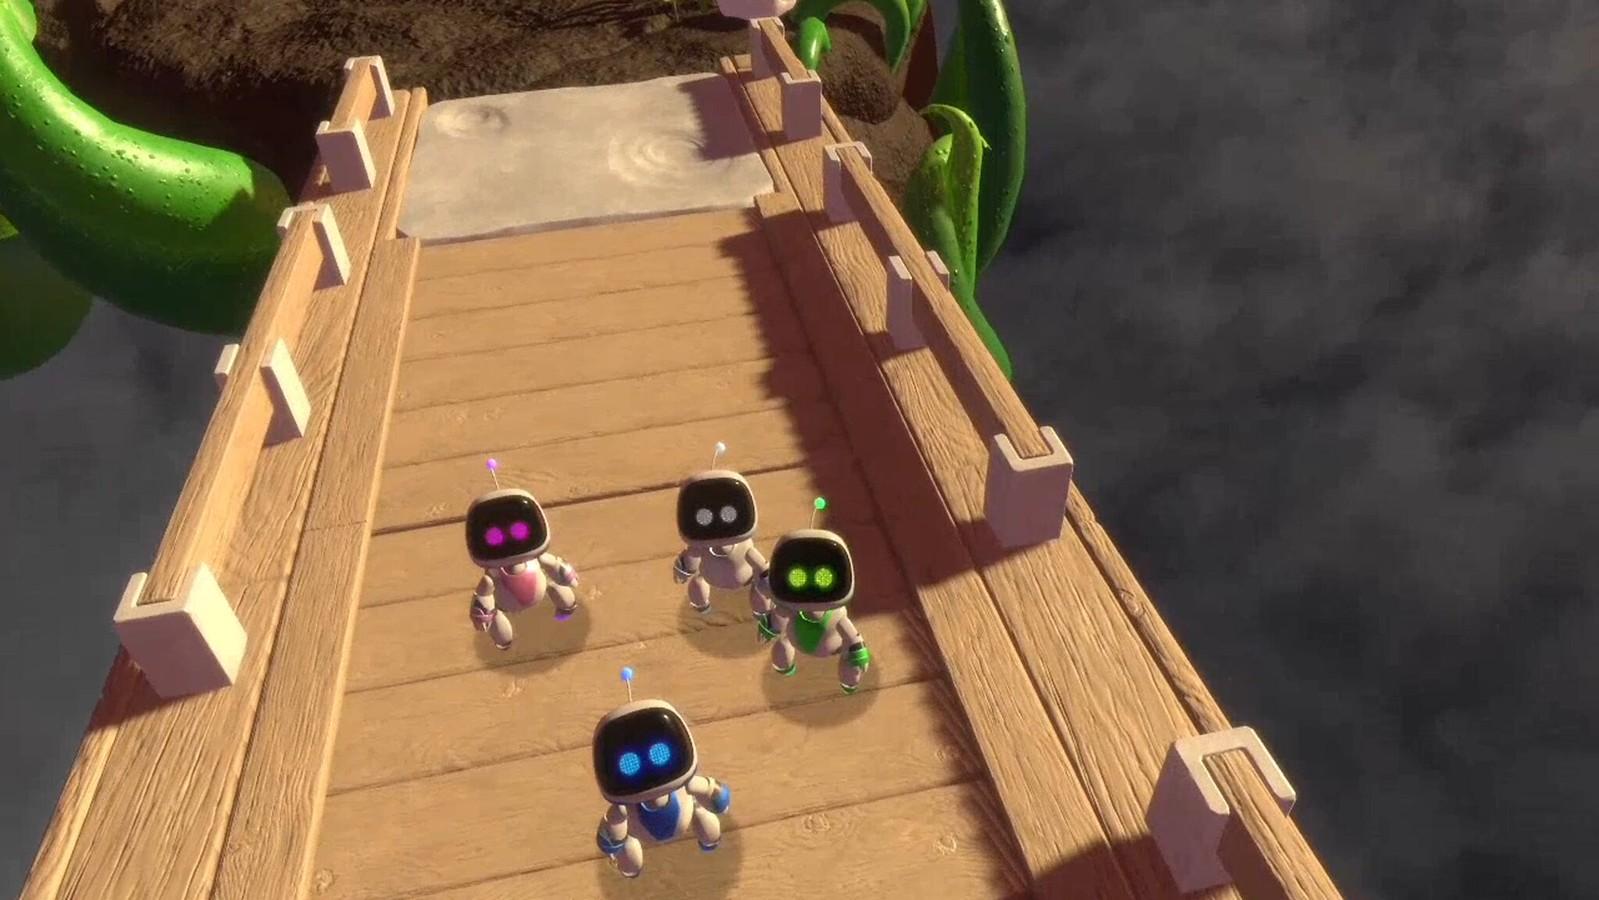 48302575412 27837fa3ab h - Einst hatte Astro Bot Rescue Mission einen Multiplayer-Modus